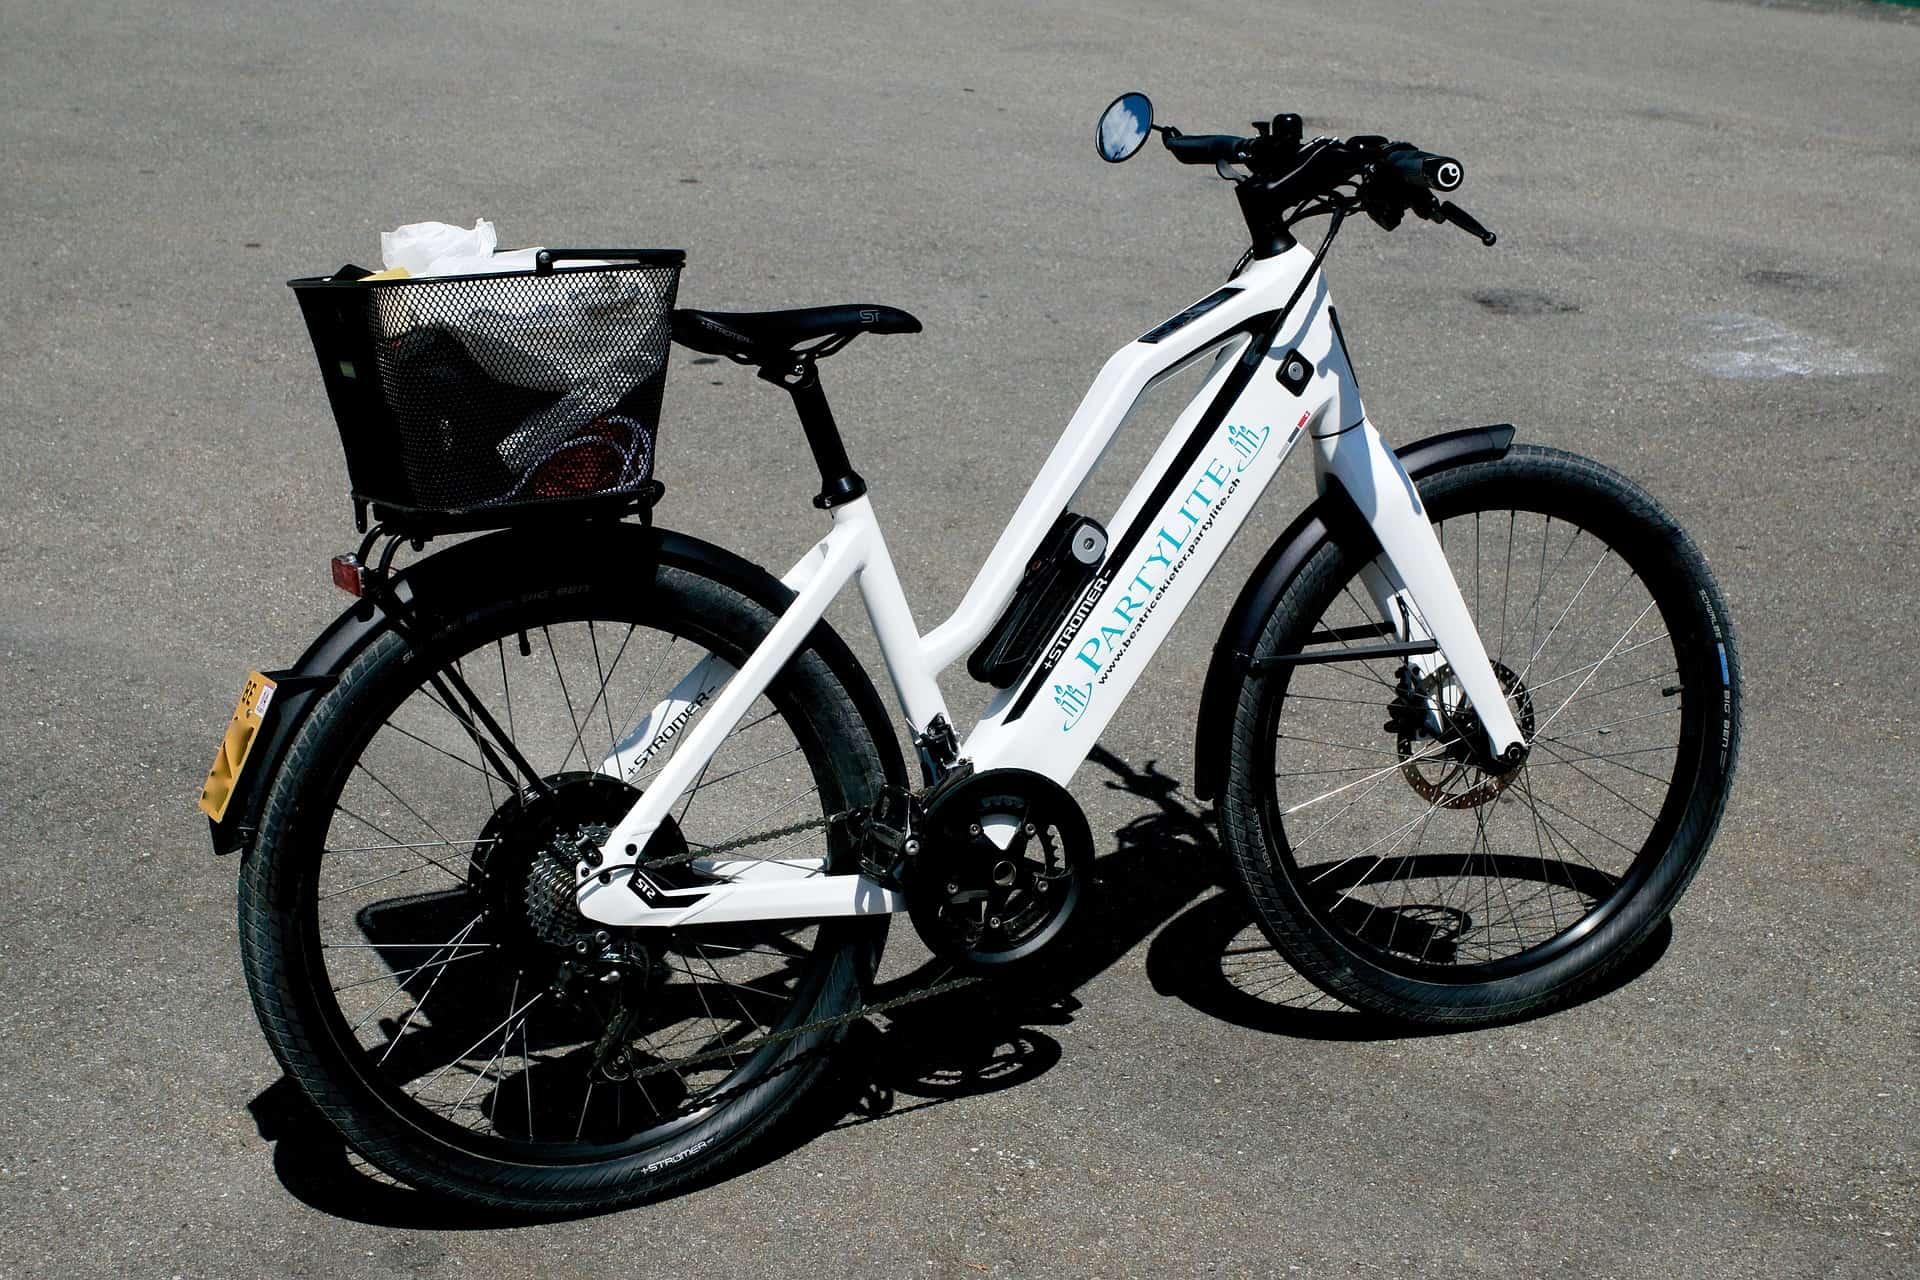 אופניים חשמליים יכולים לגרום לאסון, צילום אילוסטרציה